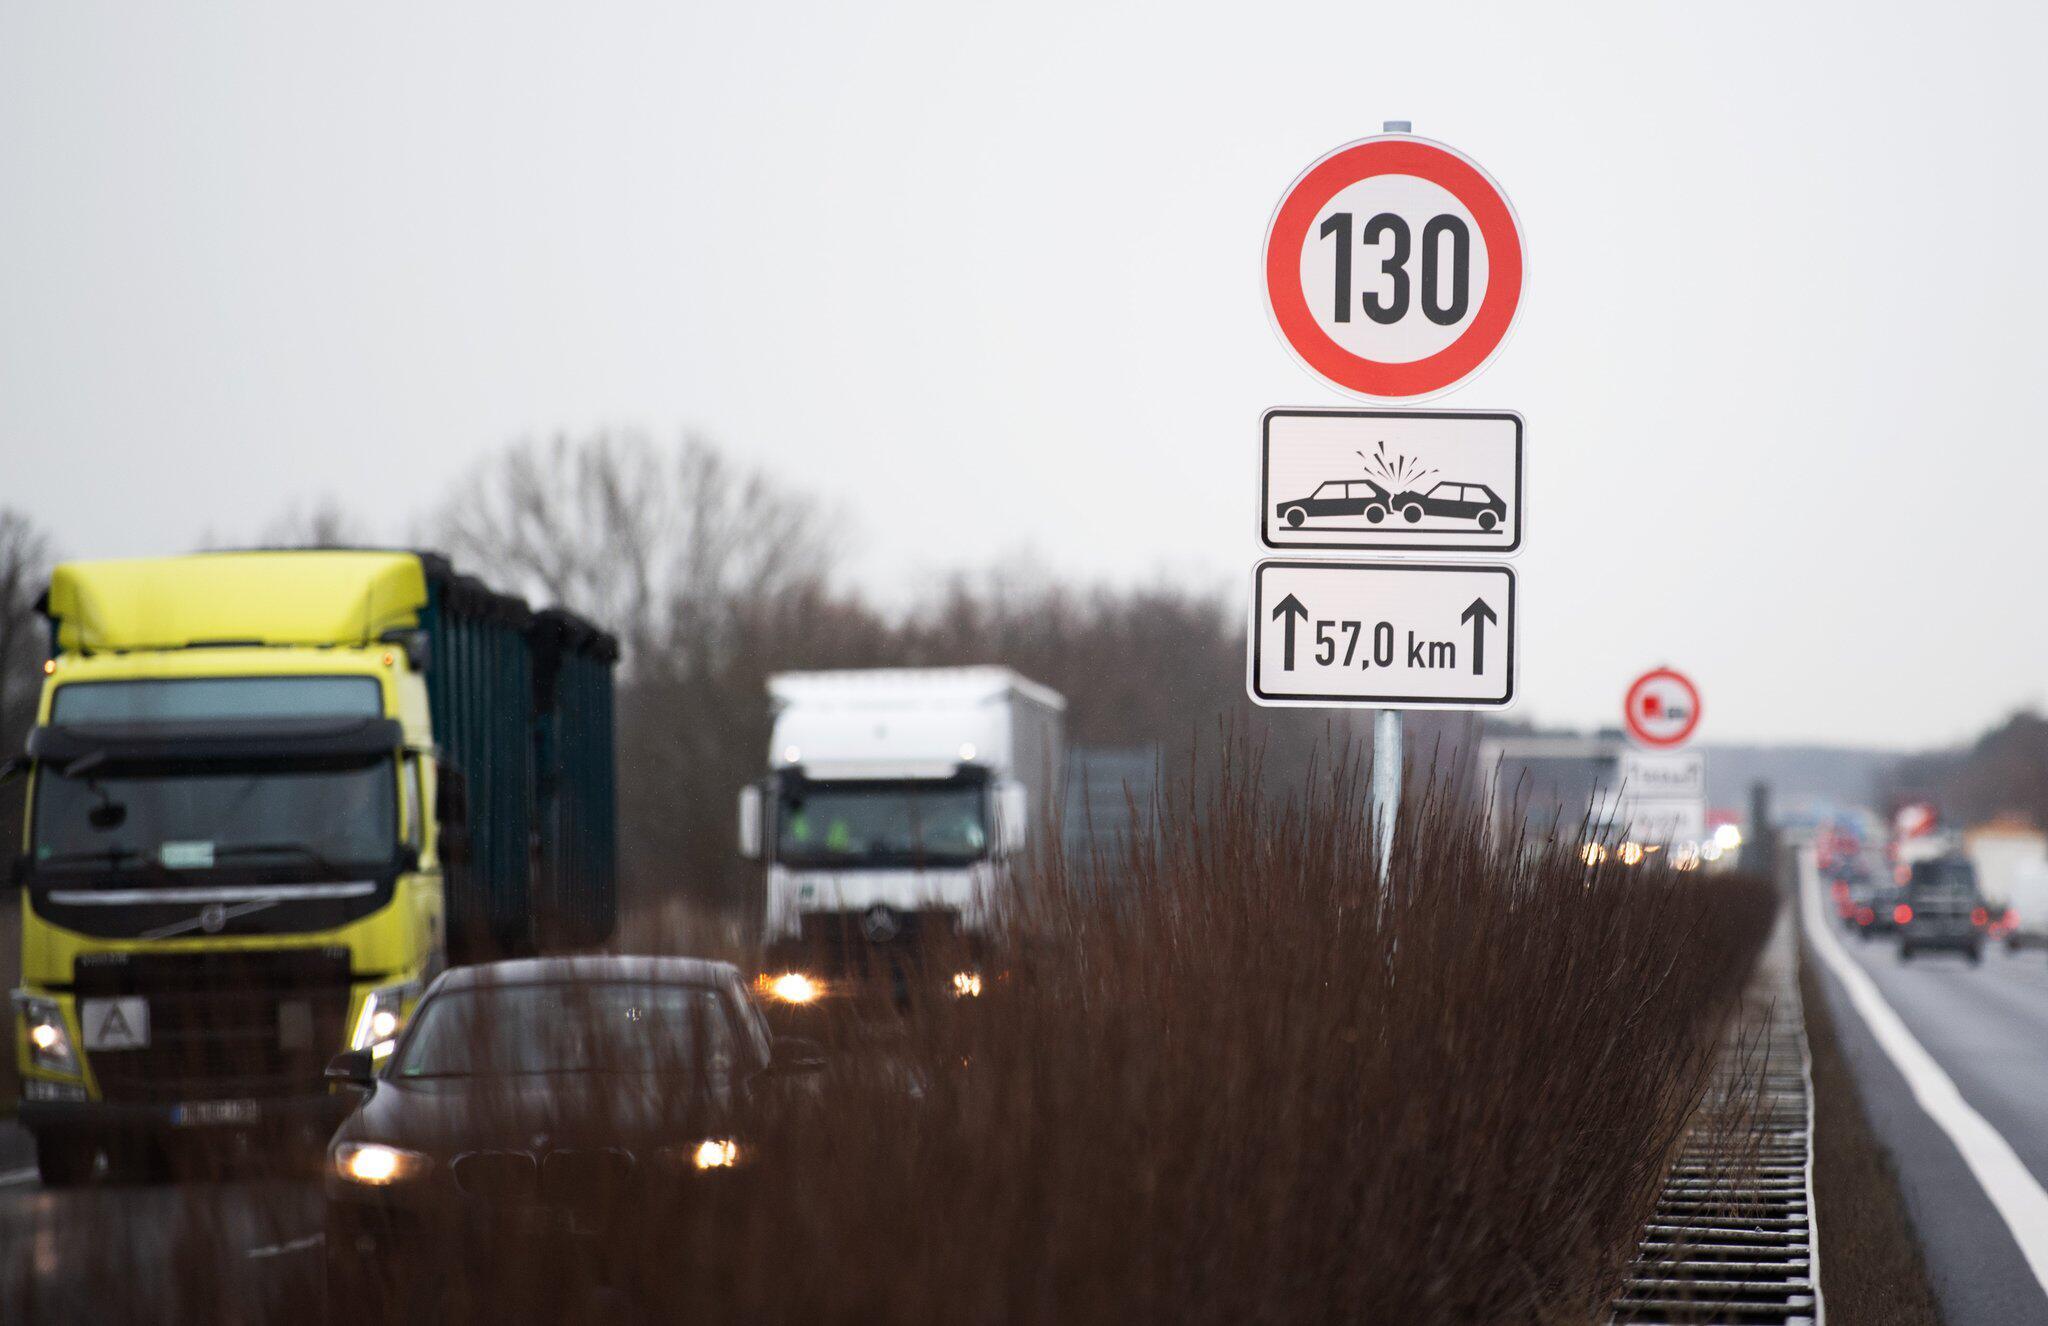 Bild zu Geschwindigkeitsbegrenzung auf der A13